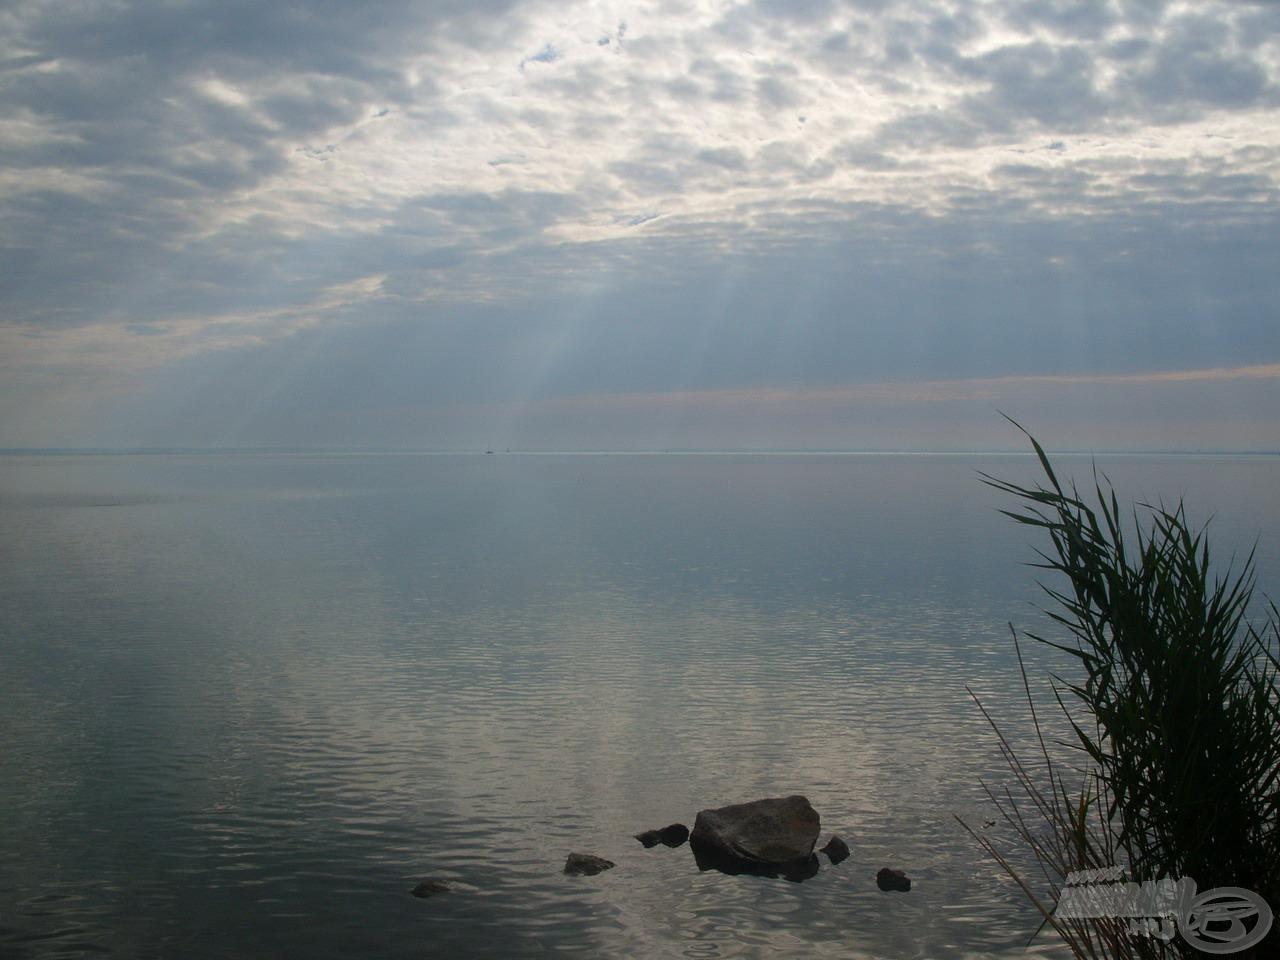 Ez a csodálatos kép tárult elém reggeli érkezéskor, miközben az éledező Nap minden erejével próbált áttörni a végeláthatatlan vizet övező felhőtakarón